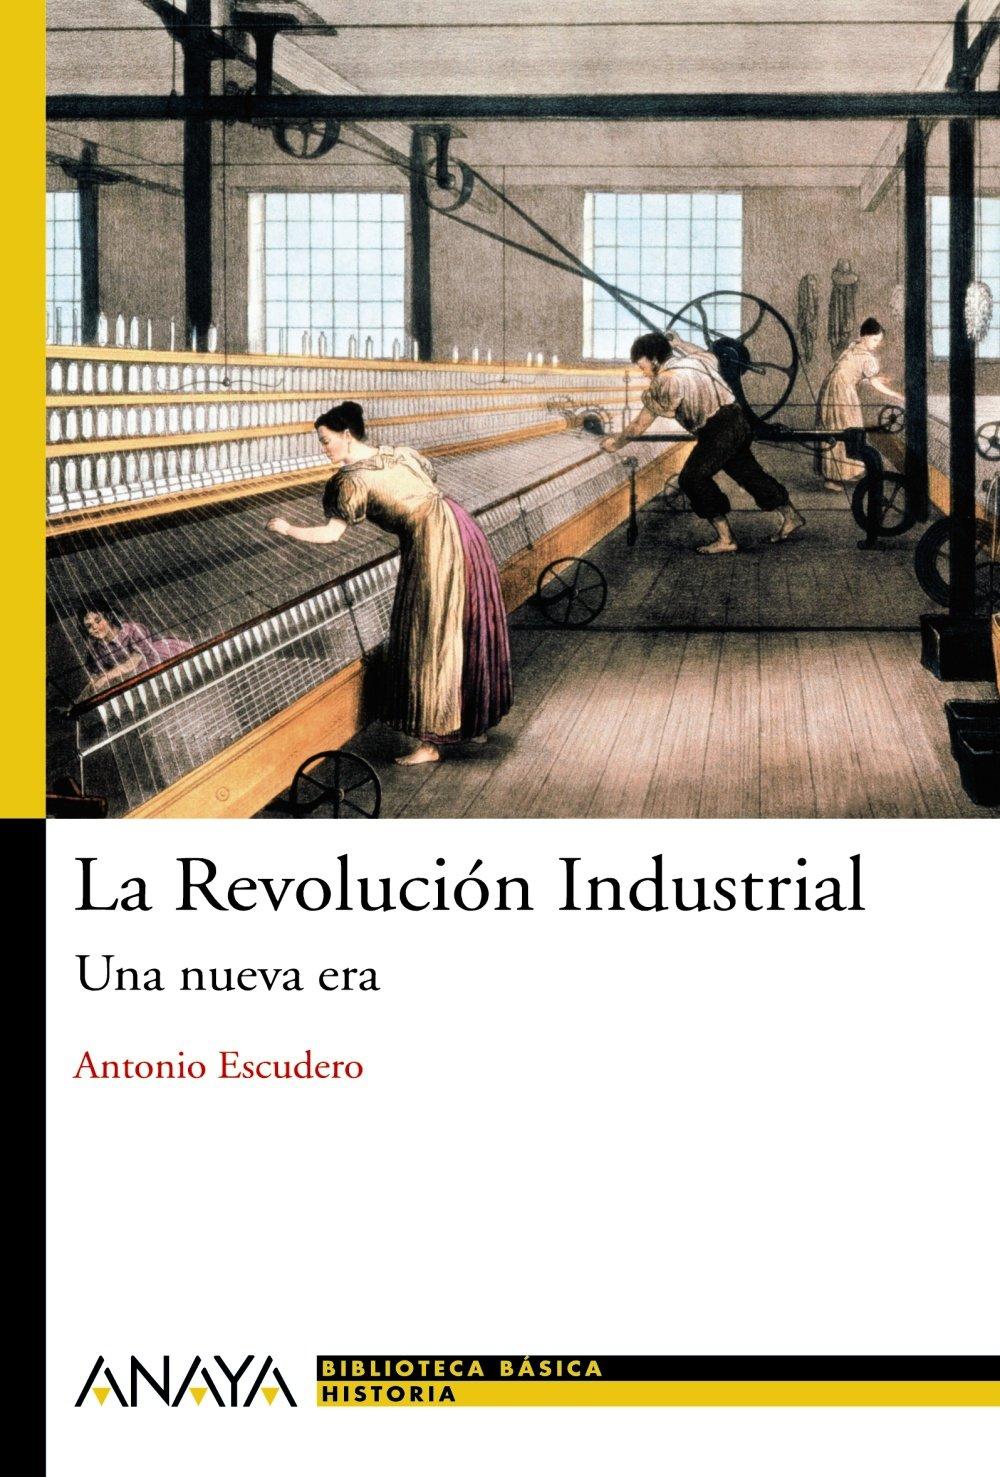 La Revolución Industrial: Una nueva era Bibl. Basica De La Historia: Amazon.es: Escudero, Antonio: Libros